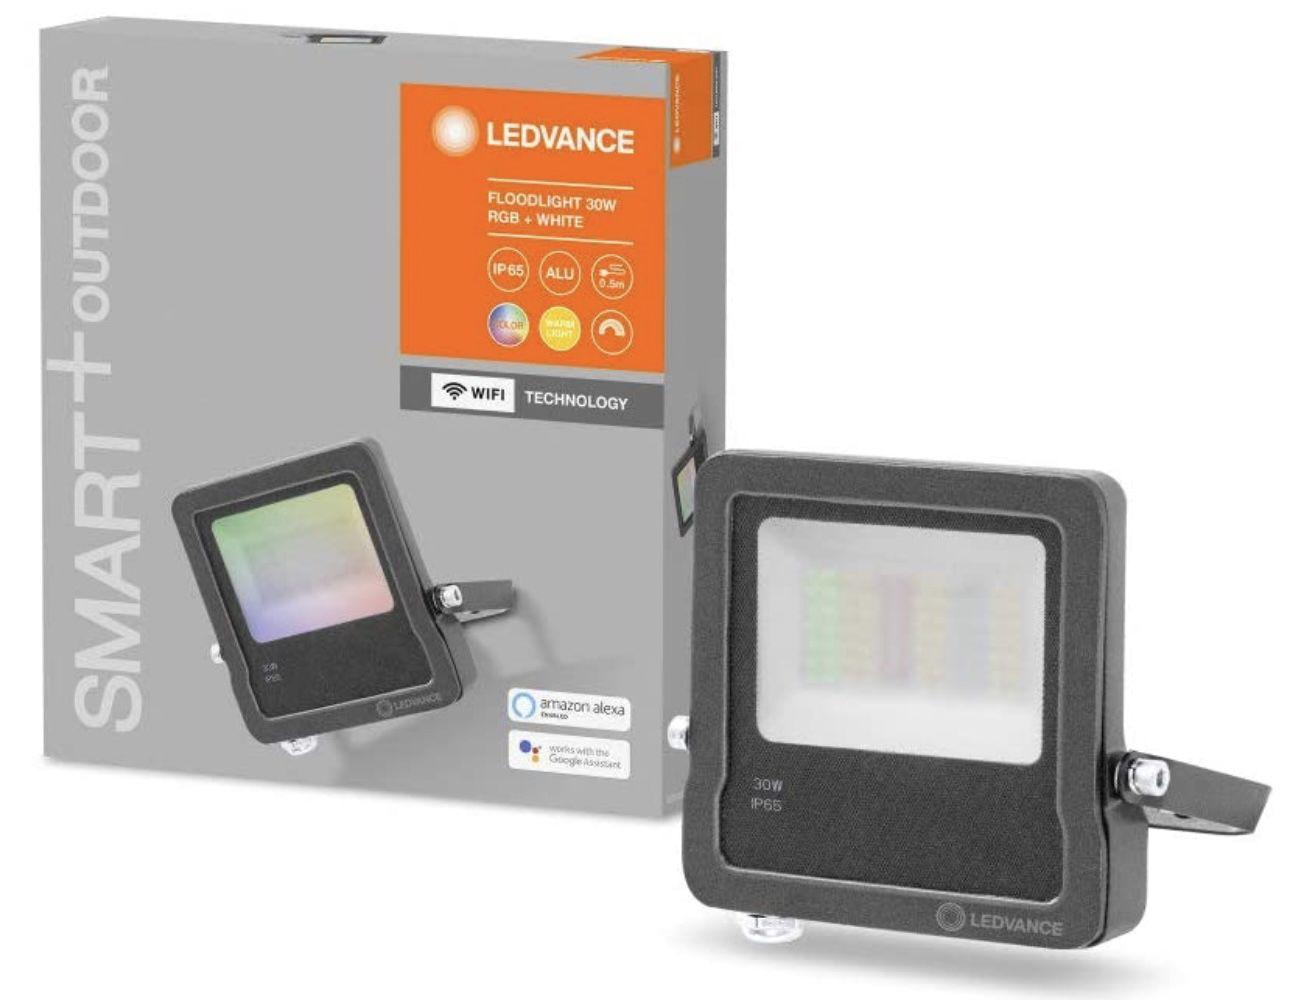 LEDVANCE Smarte LED Aussenleuchte mit WiFi Technologie für 26,24€ (statt 35,15€)